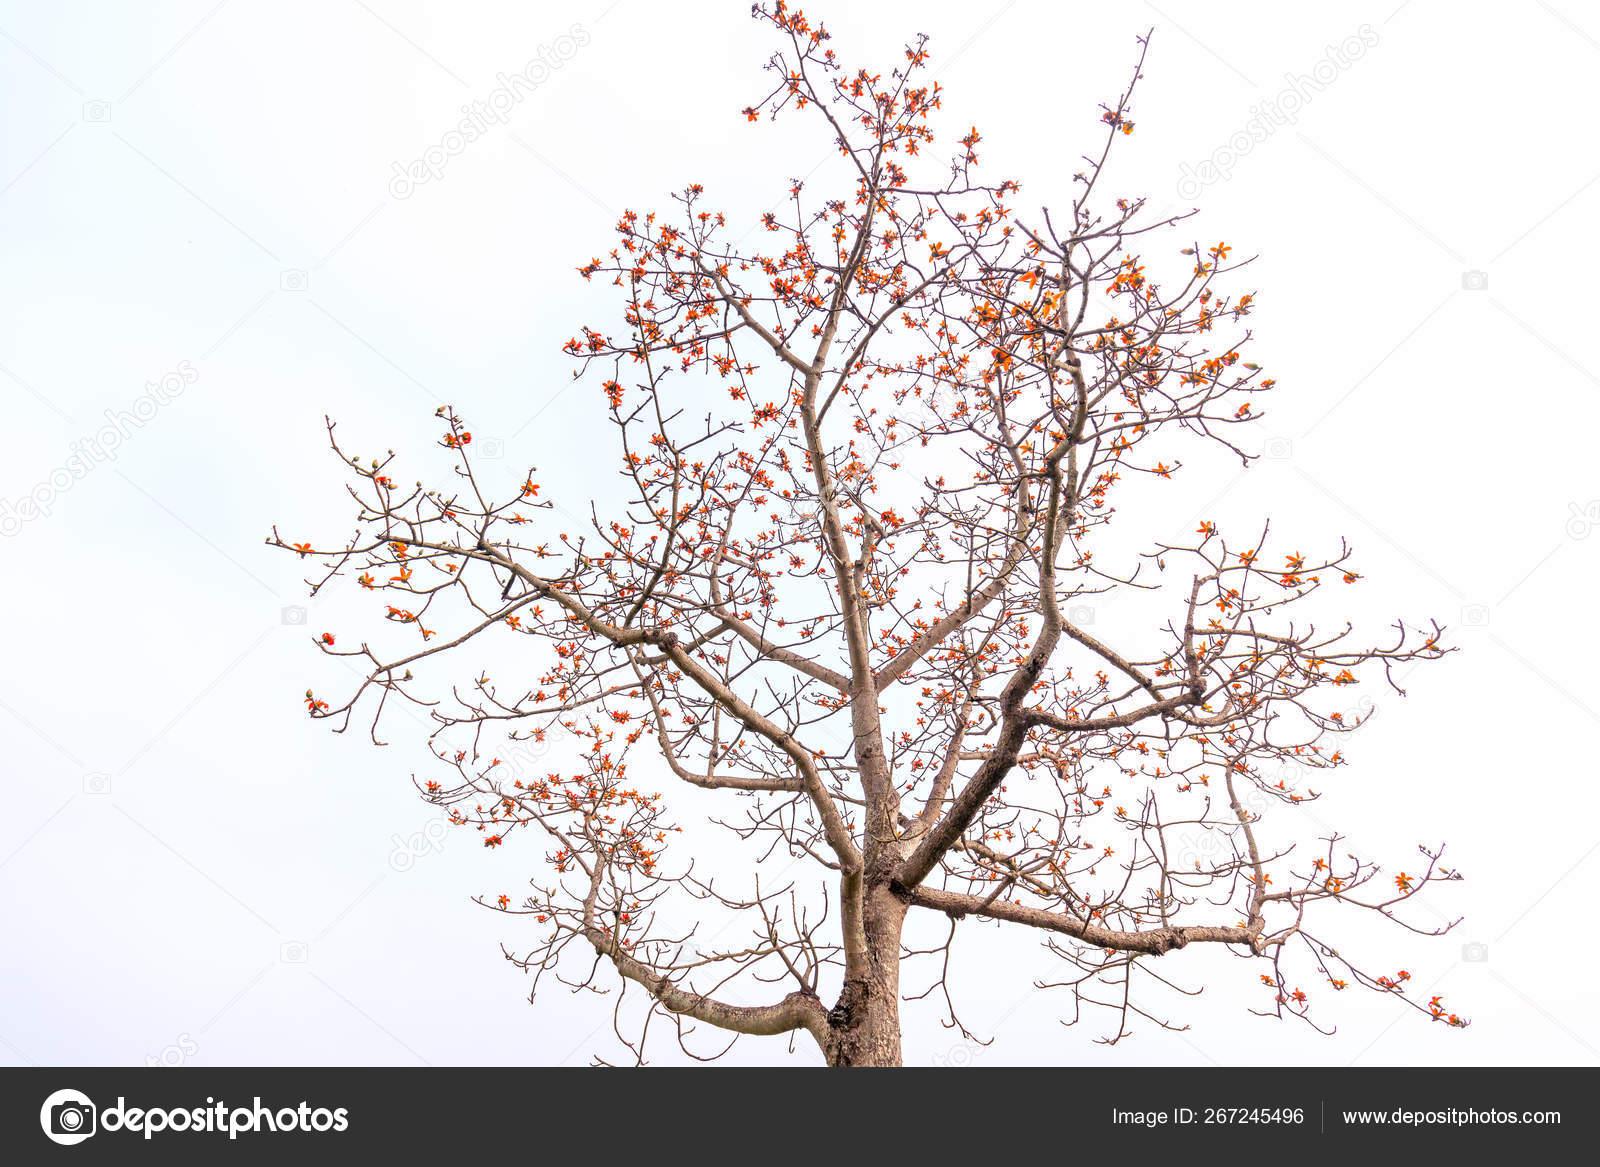 Medicinal Uses Of Bombax Ceiba Tree